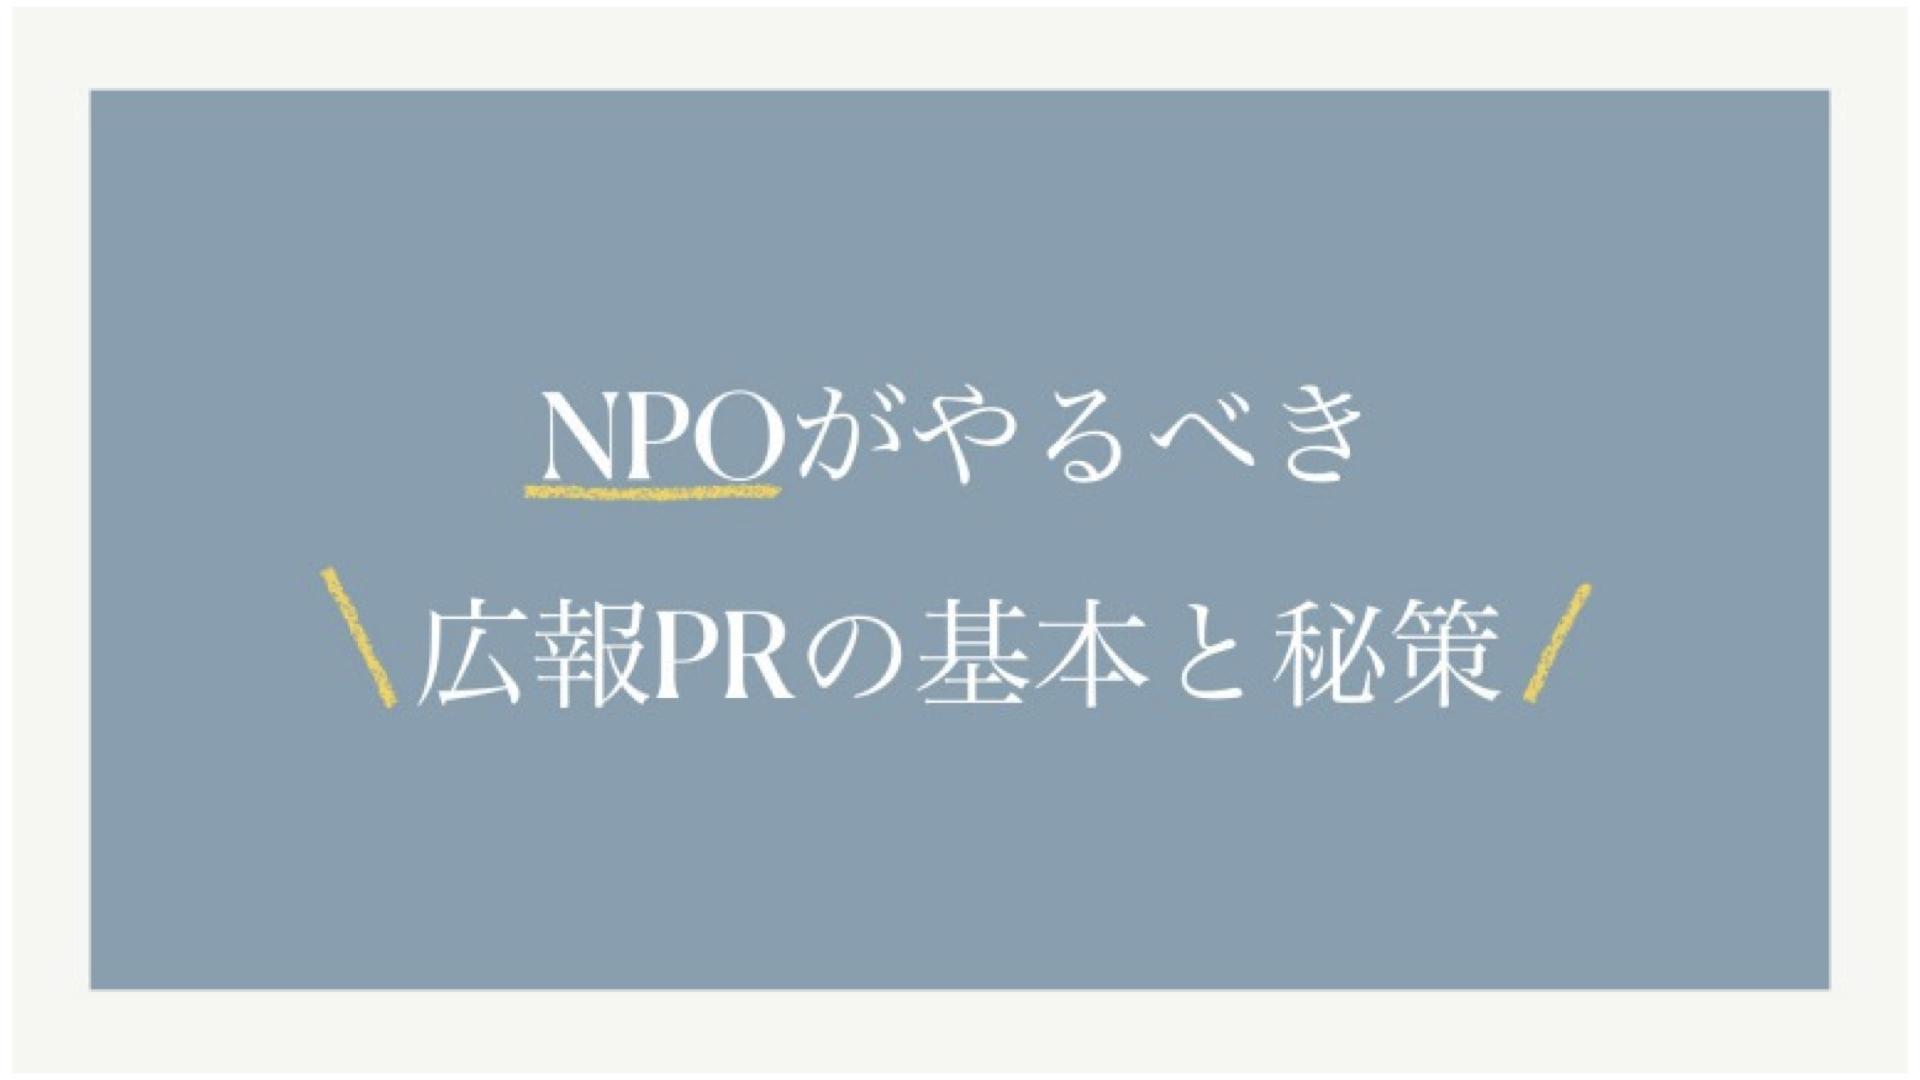 """【ウェビナー】4月22日、NPOニュースと共同のオンラインセミナーを開催します。「NPO理事長 兼 PR会社社長が、そのノウハウを大公開! """"NPOがやるべき広報PRの基本と秘策!""""」"""